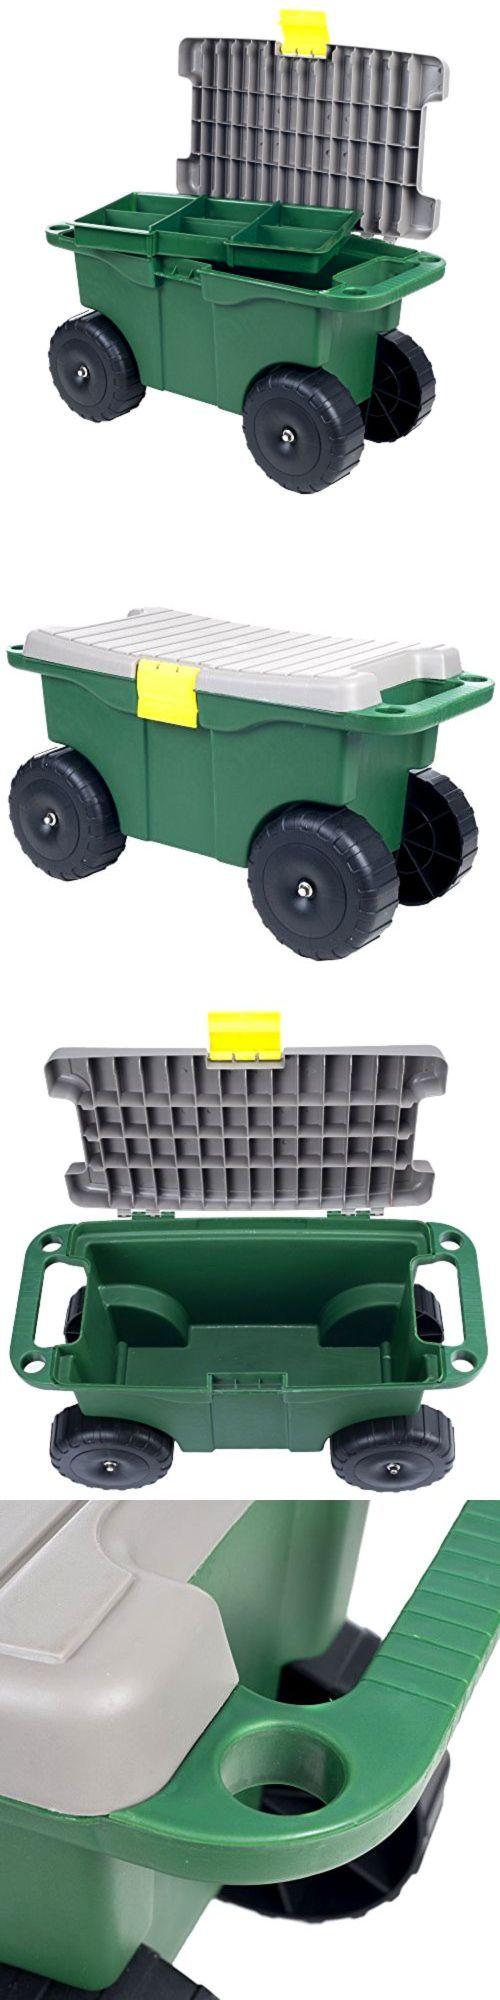 Garden Kneelers Pads And Seats 75669: 20 Inch Plastic Garden Storage Cart  And Rolling Garden